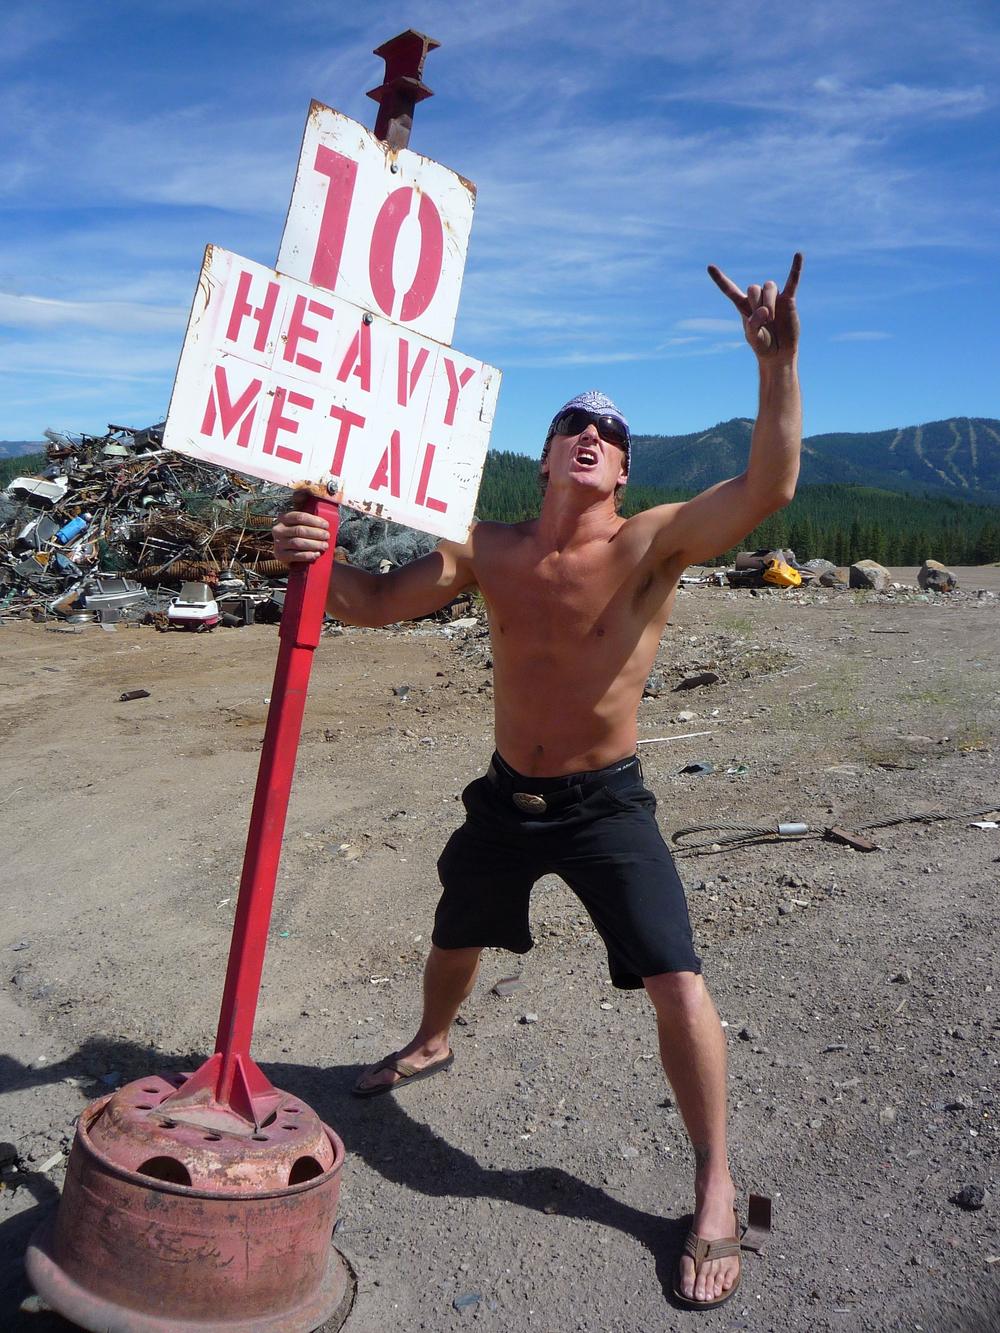 heavymetal1.jpg